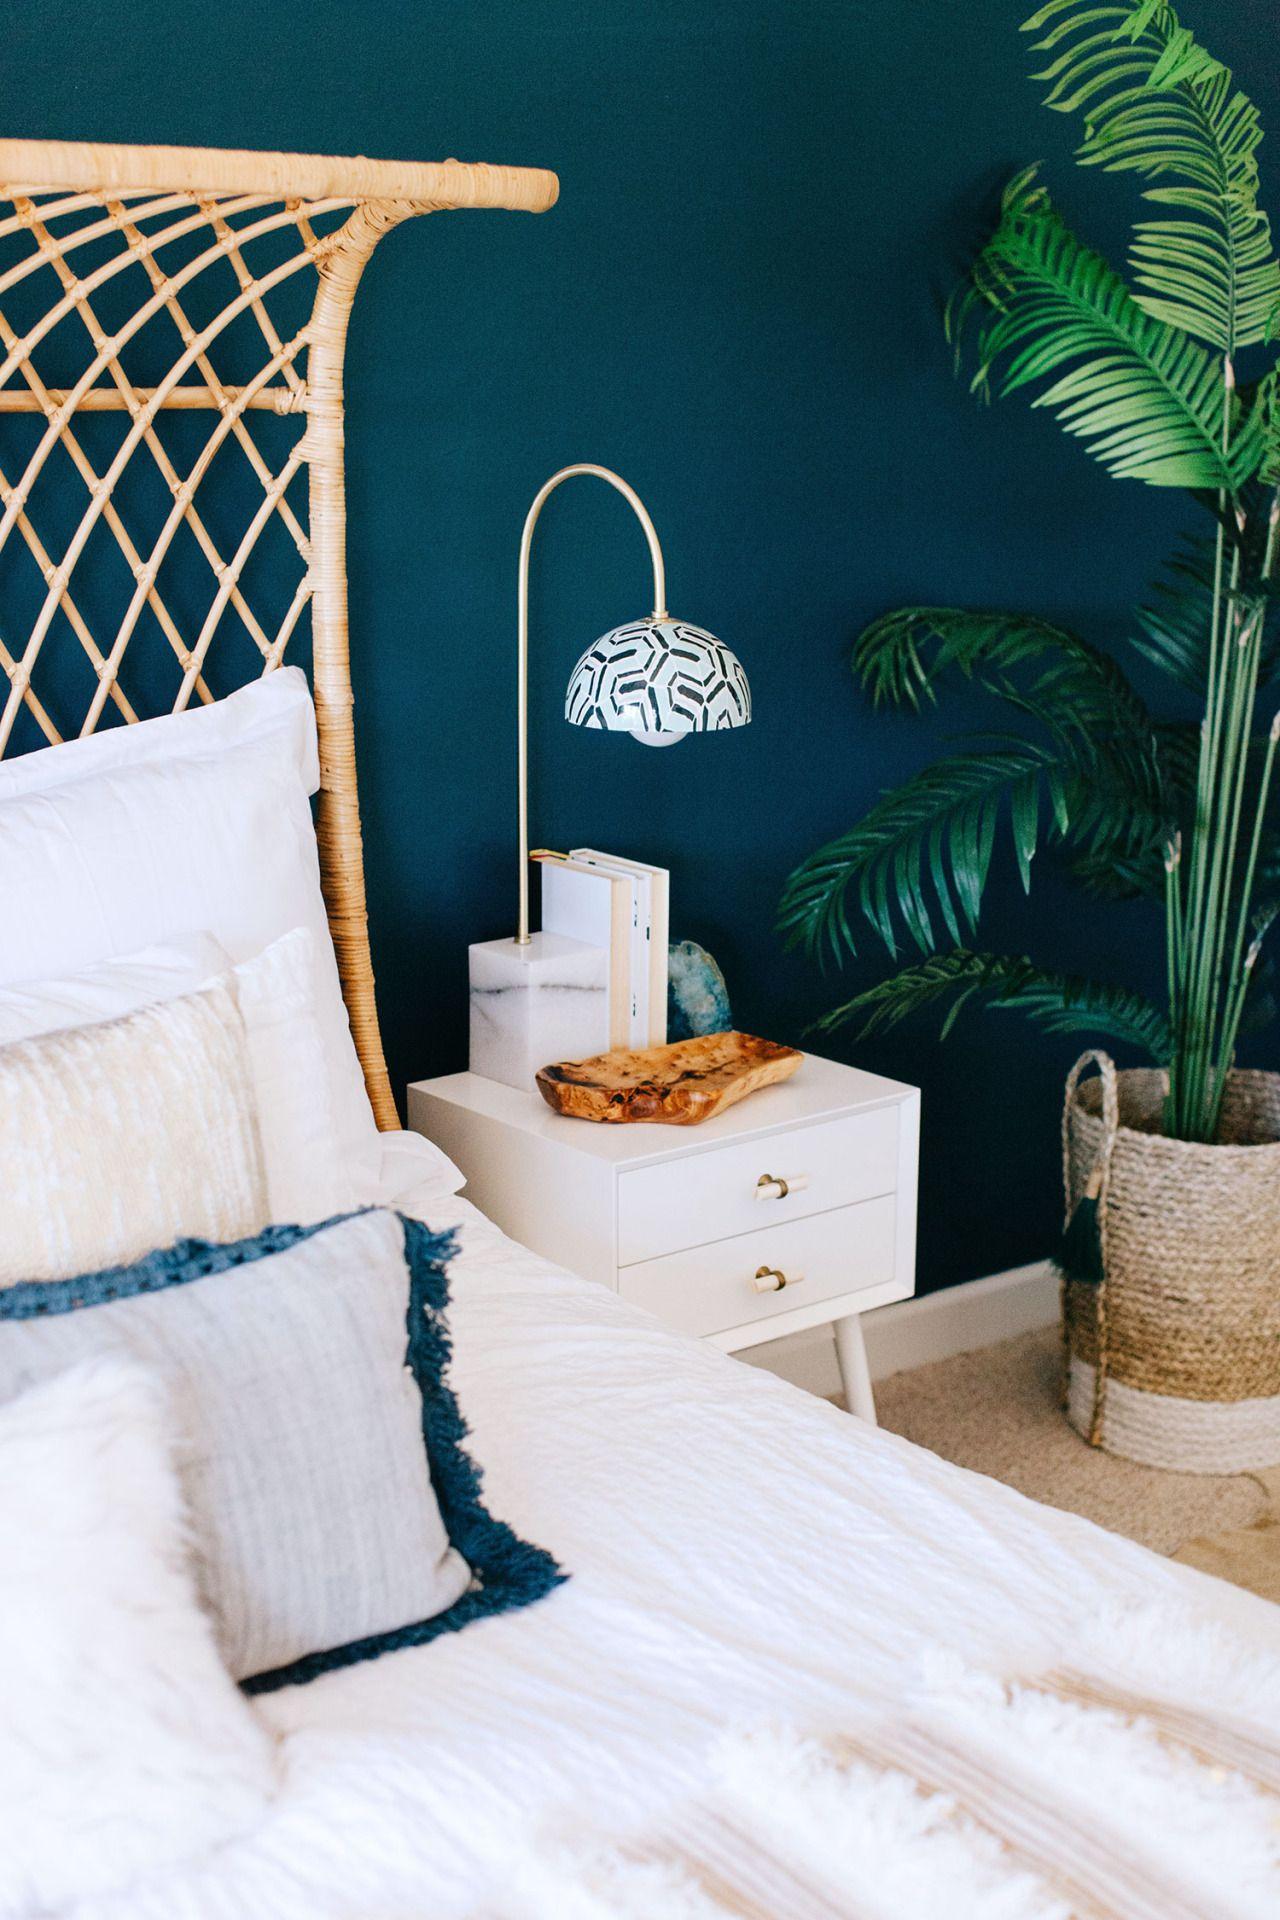 Ambiance moderne et nature dans cette chambre aux murs bleu canard